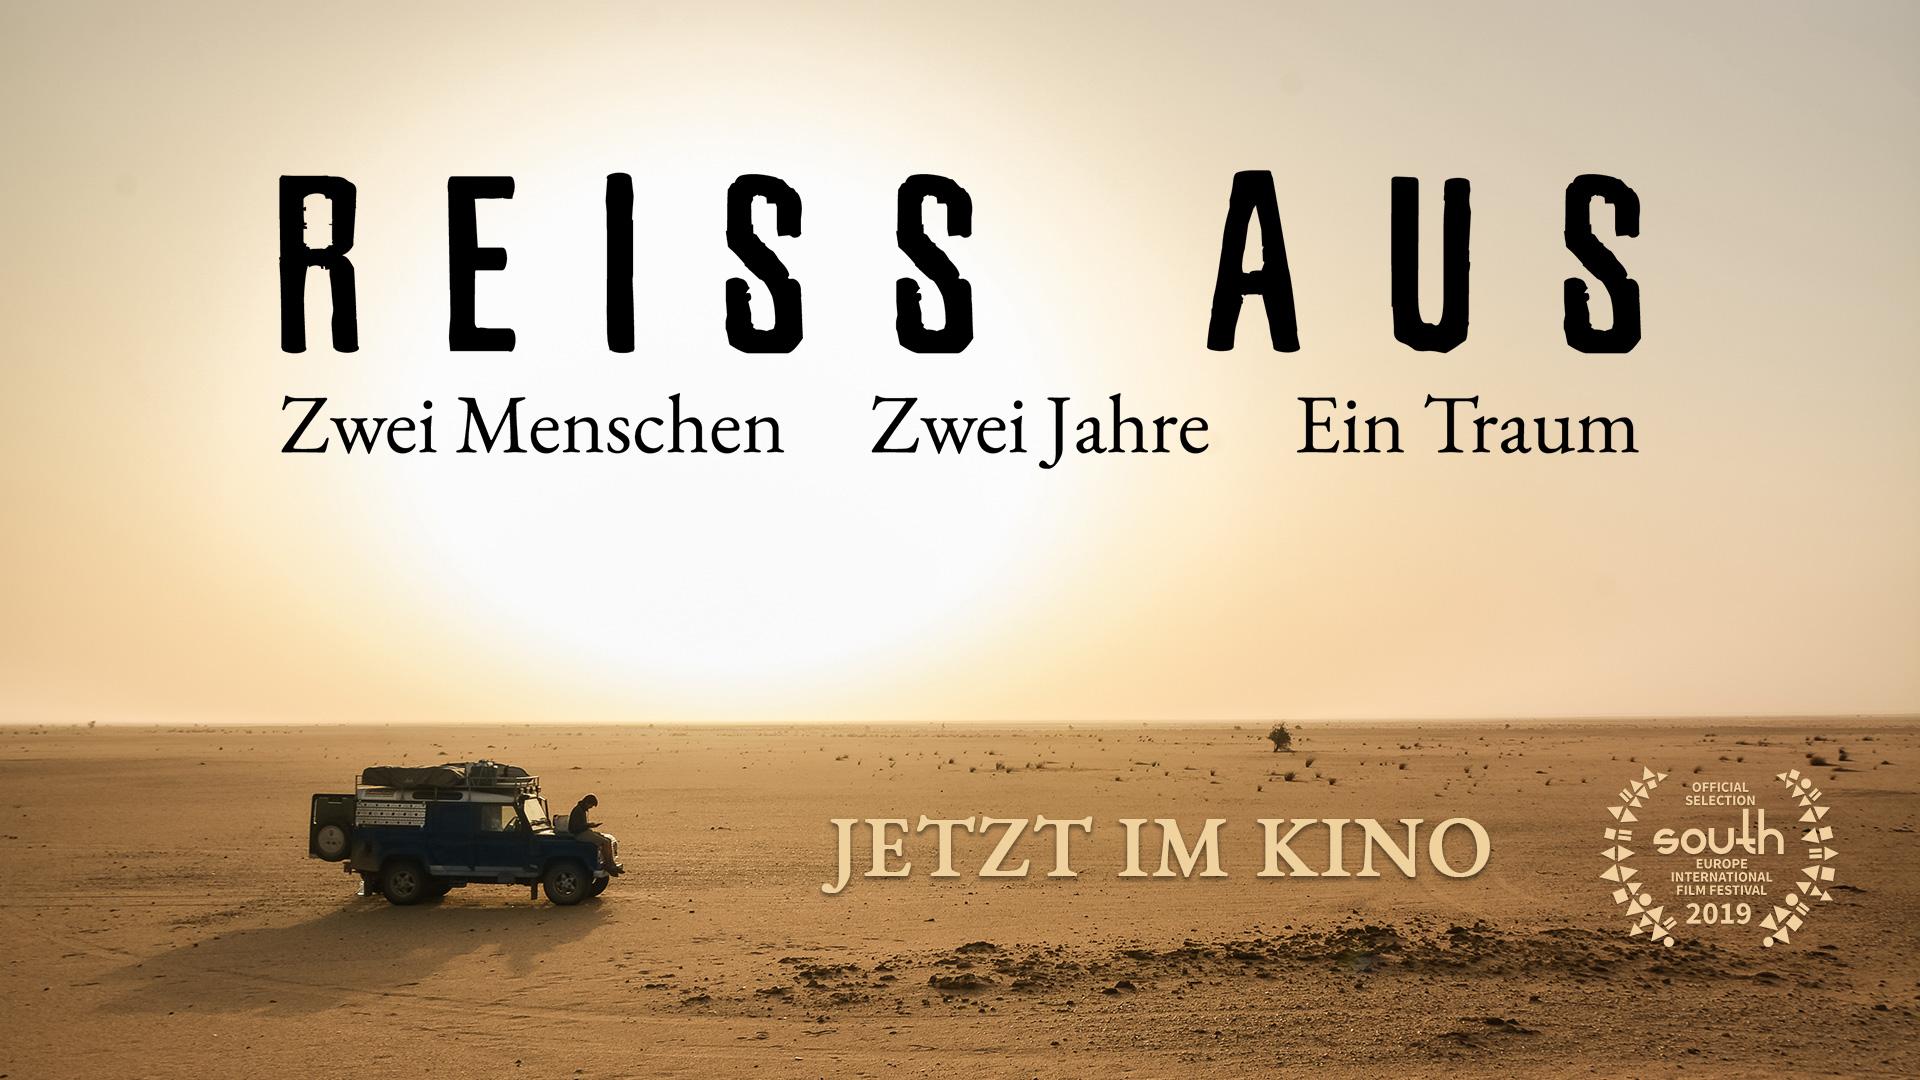 REISS AUS - JETZT IM KINO: Kinotour in Anwesenheit der Filmemacher Lena Wendt und Ulrich Stirnat